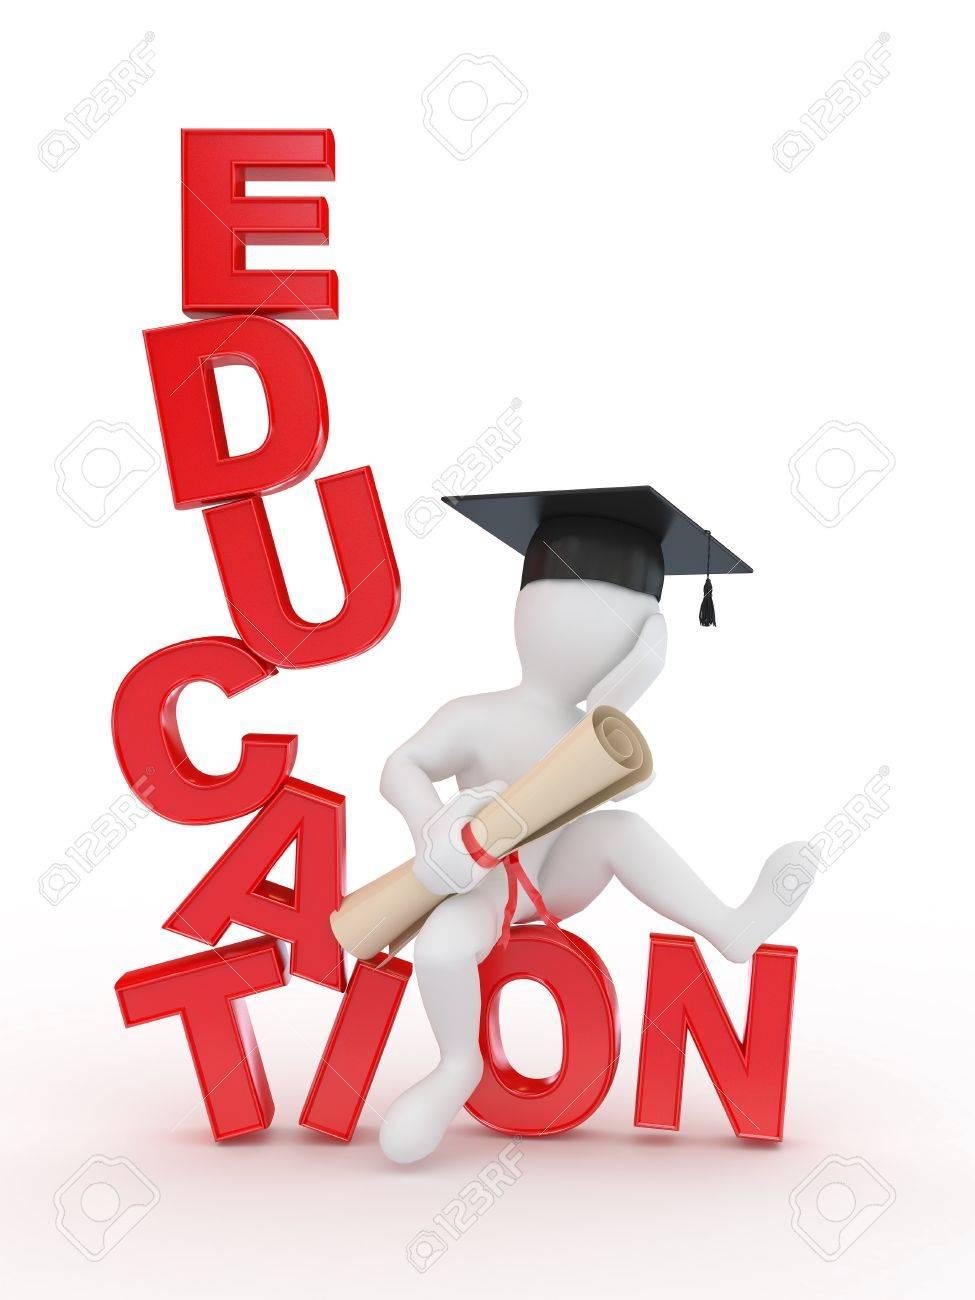 Человек с дипломом по тексту образования d Фотография картинки  Человек с дипломом по тексту образования 3d Фото со стока 11866642